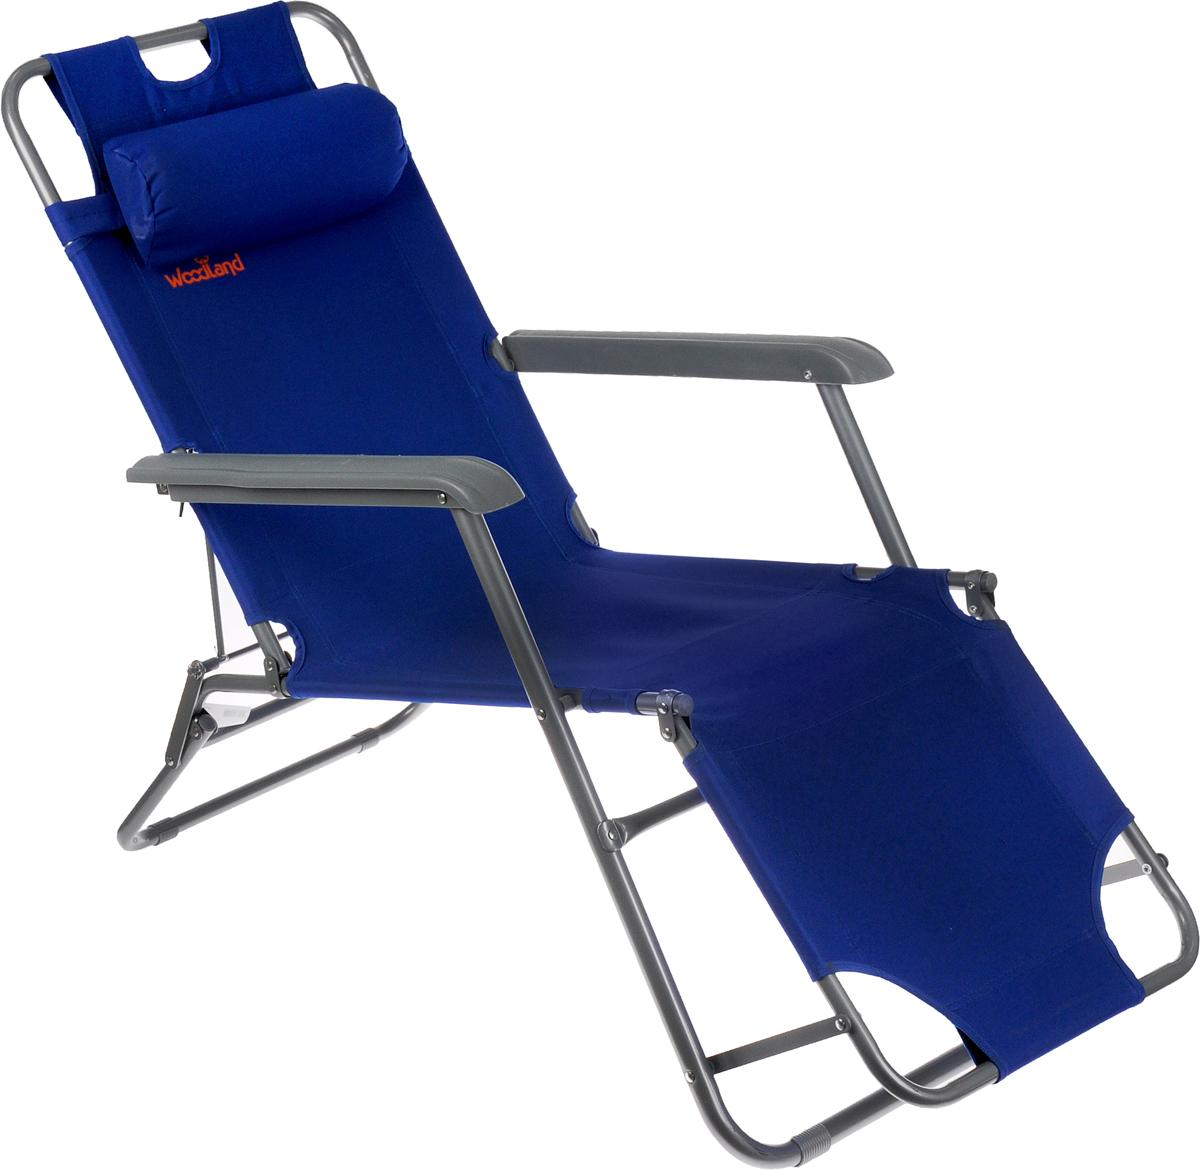 Кресло складное Woodland Lounger Oxford, цвет: синий, серый, 153 см х 60 см х 79 см0049670Складное кресло Woodland Lounger Oxford предназначено для создания комфортных условий в туристических походах, рыбалке и кемпинге.Особенности:Компактная складная конструкция.Прочный стальной каркас с покрытием, диаметр 19/25 мм.Прочная ткань Oxford обладает высокой износостойкостью.